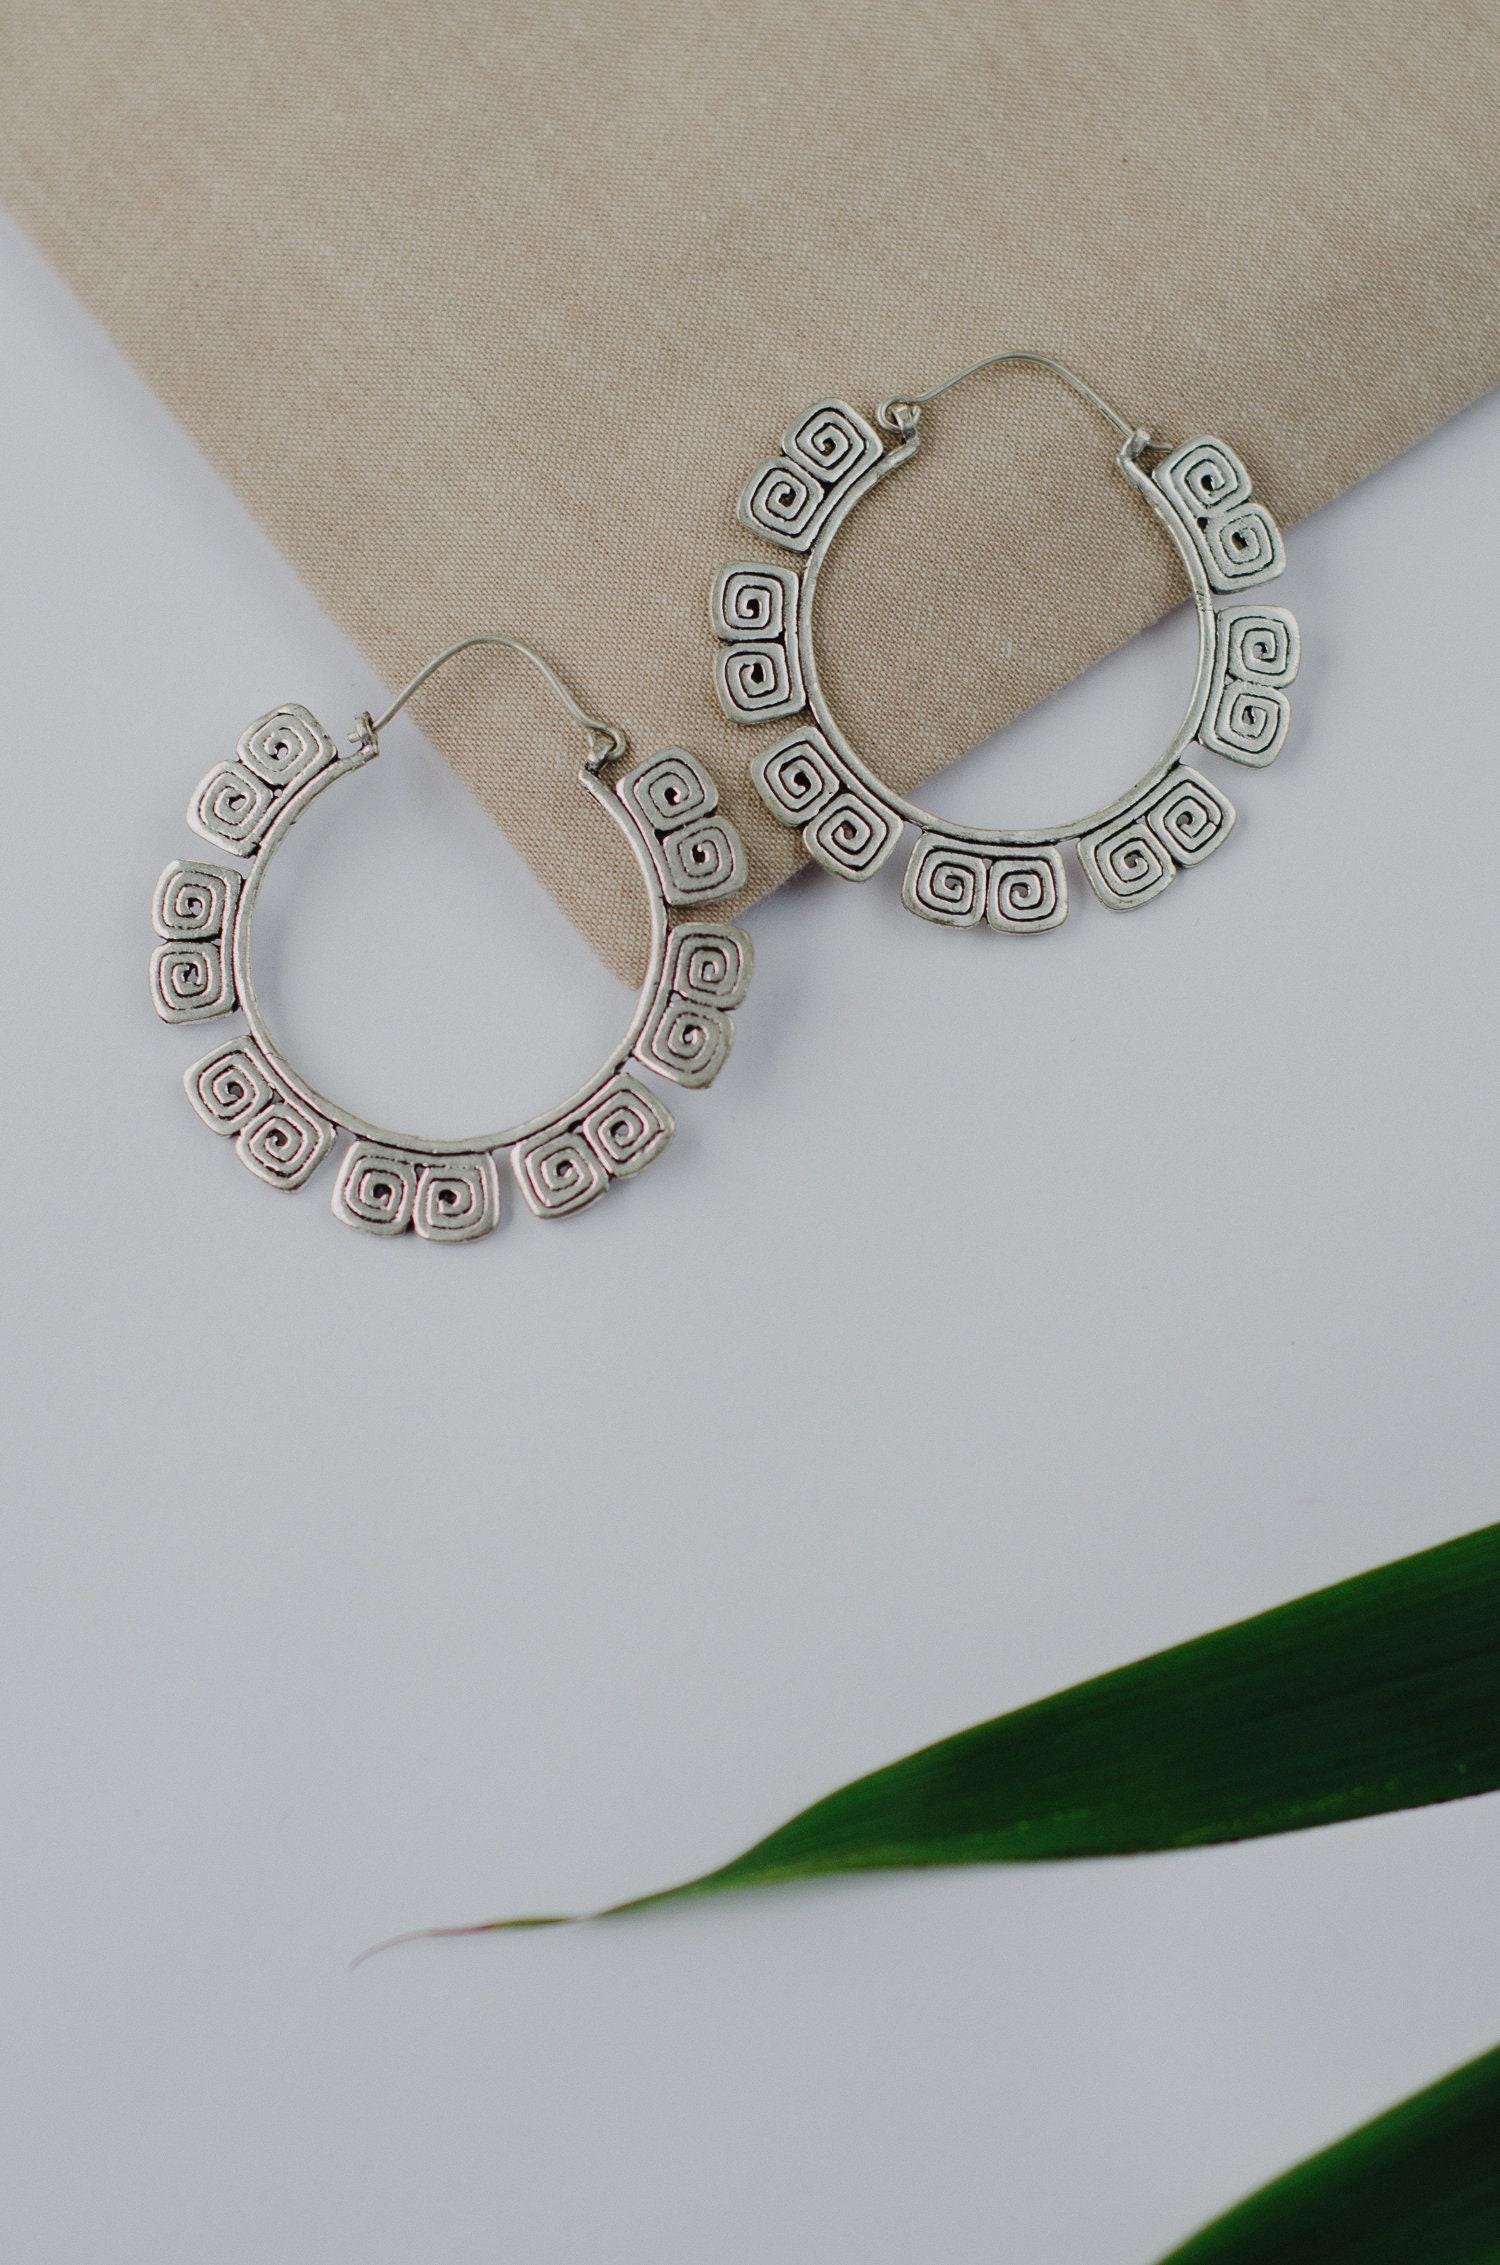 Earrings Tribal Ethnic alternative body jewellery Brass Mayan Eye Hoops